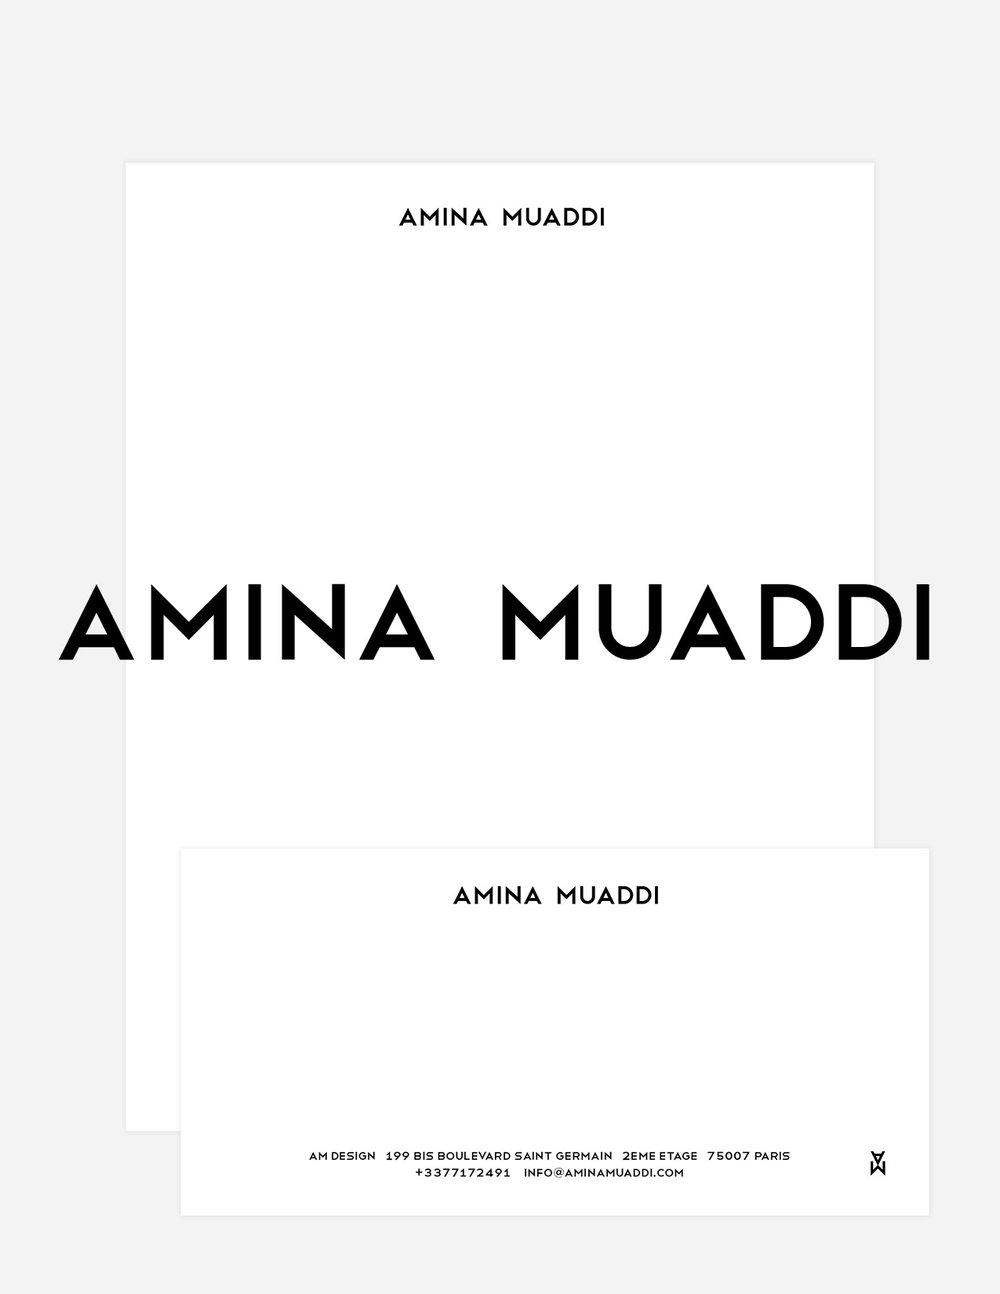 #aminamuaddi #logo #identity #typography #jimkaemmerling